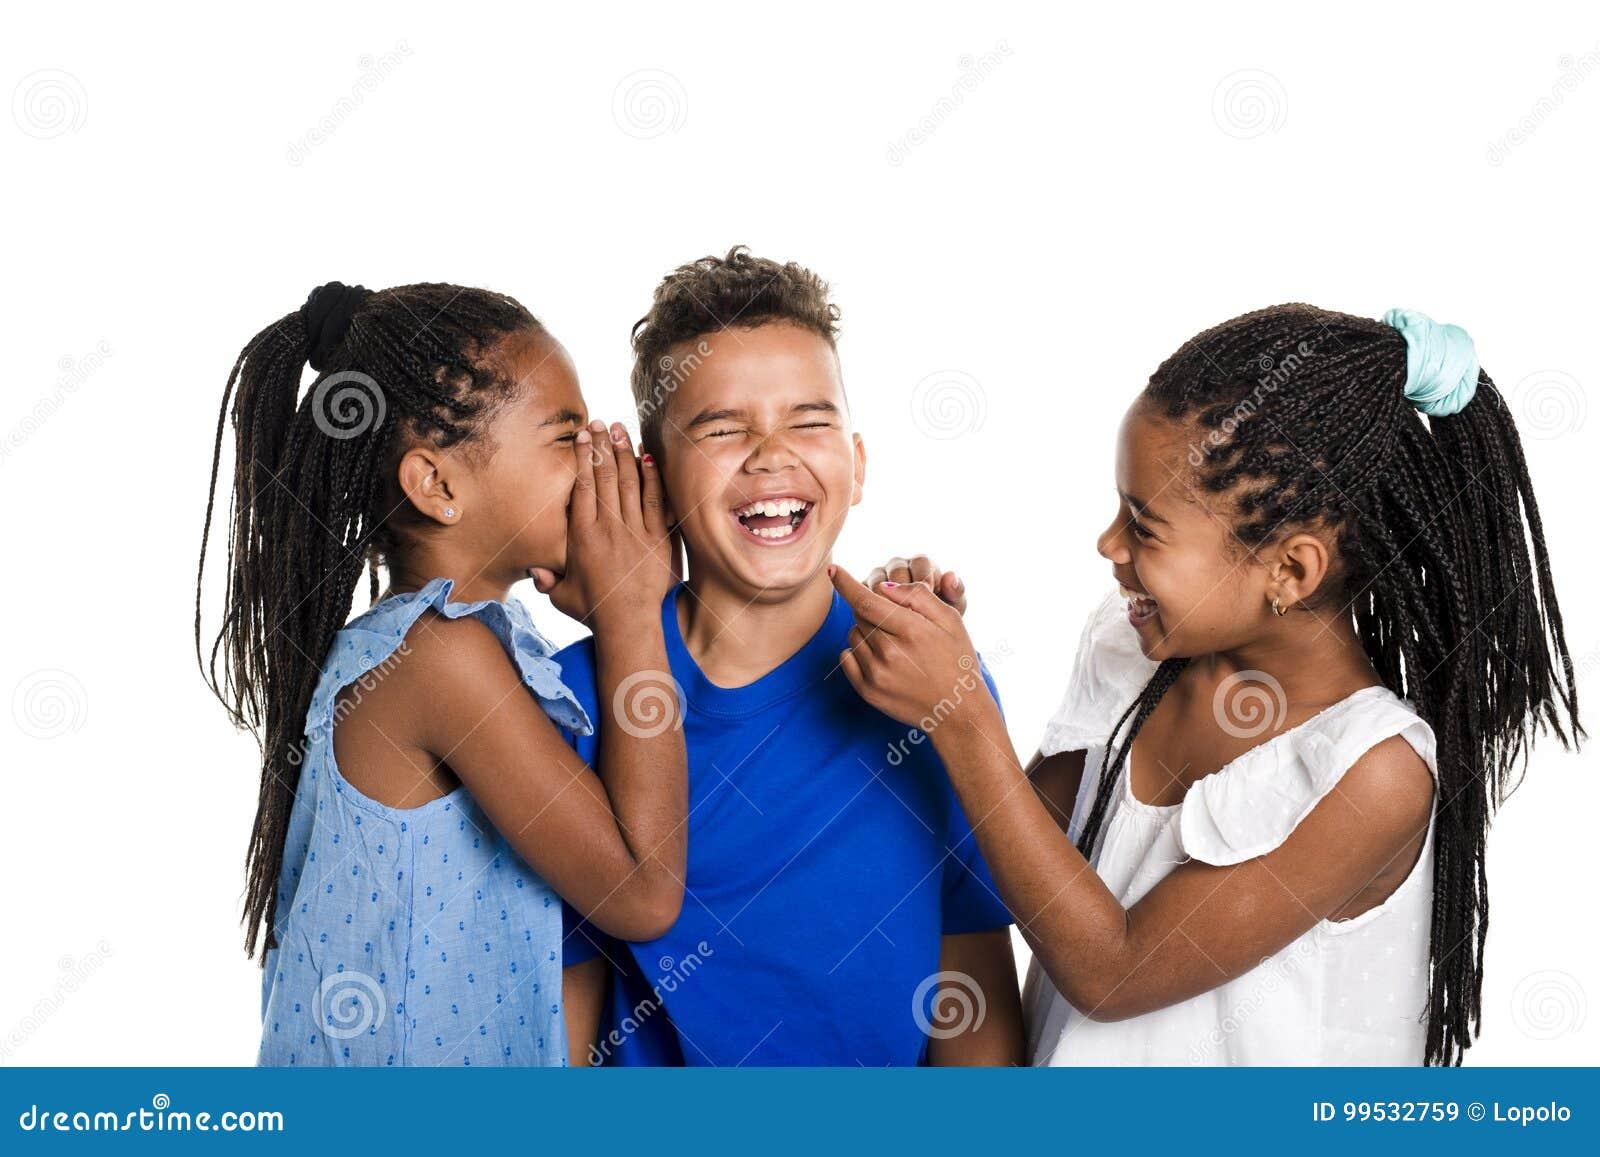 Retrato de los tres niños negros felices, fondo blanco